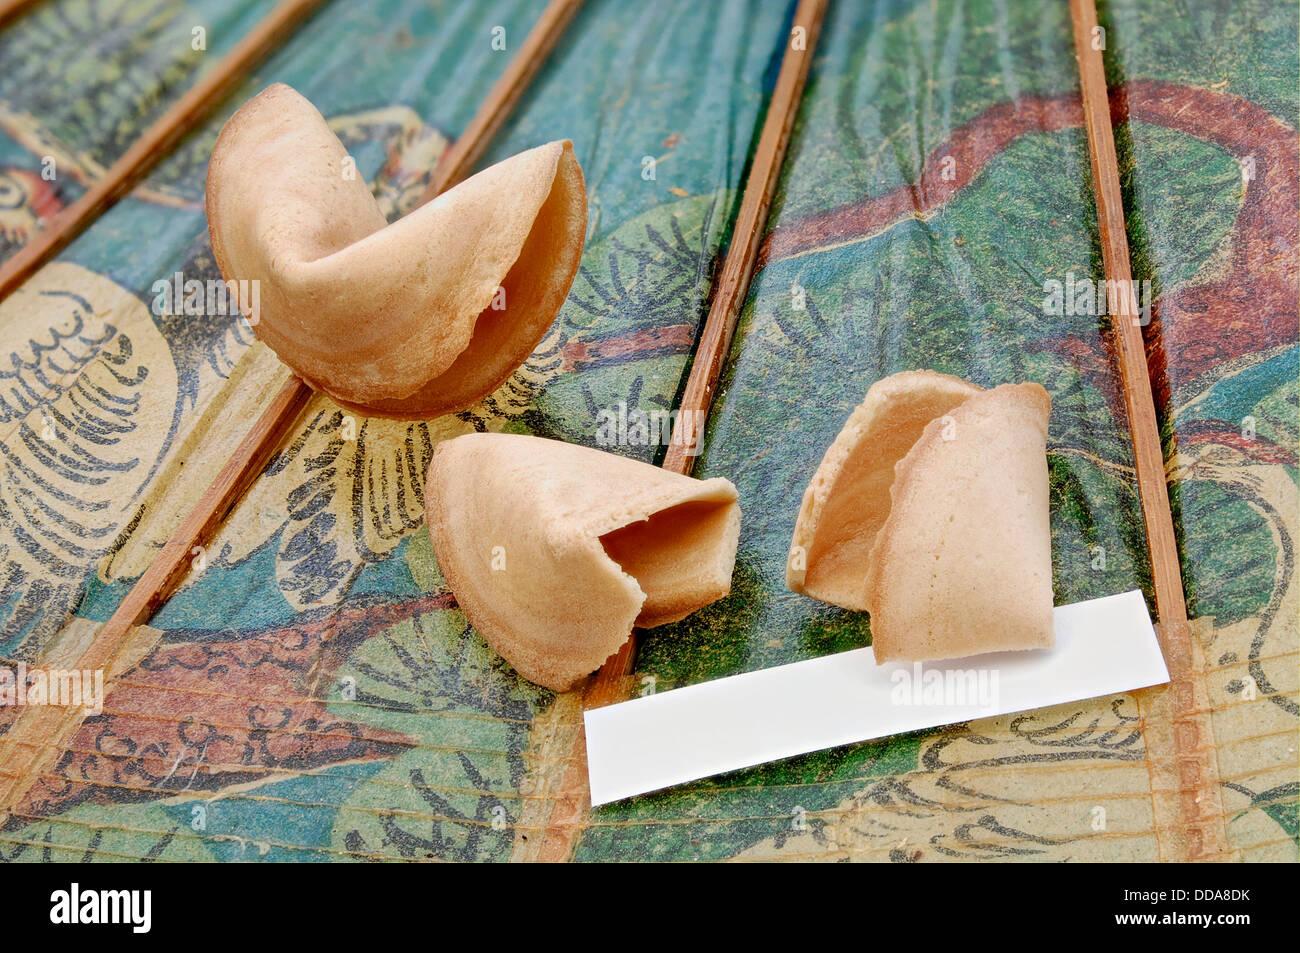 Fortune cookies completely broken - Stock Image